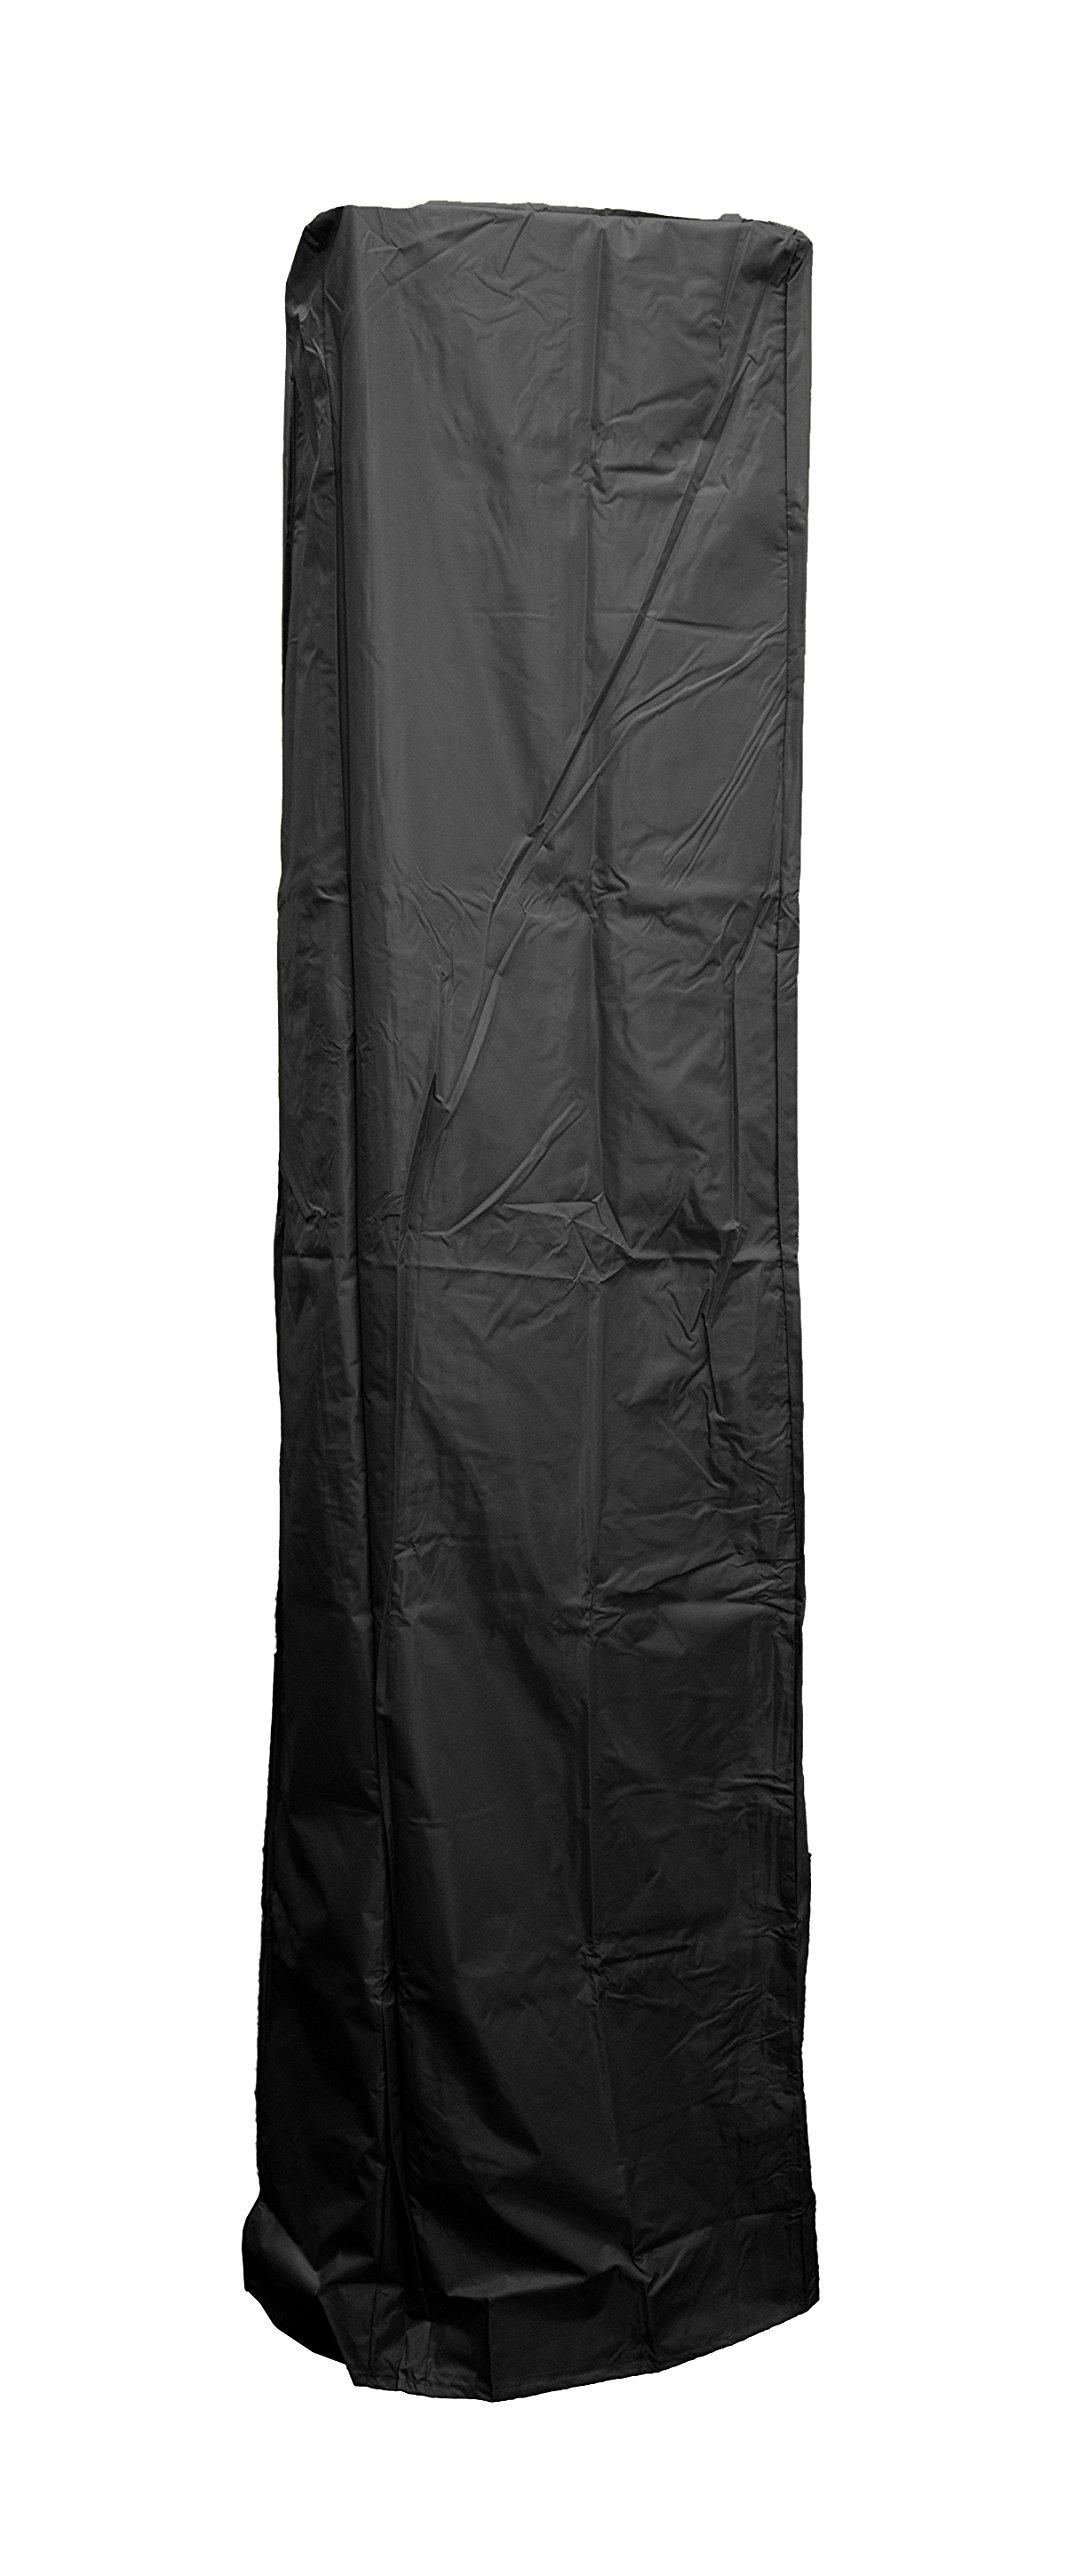 AZ Patio Heater Heavy Duty Waterproof Square